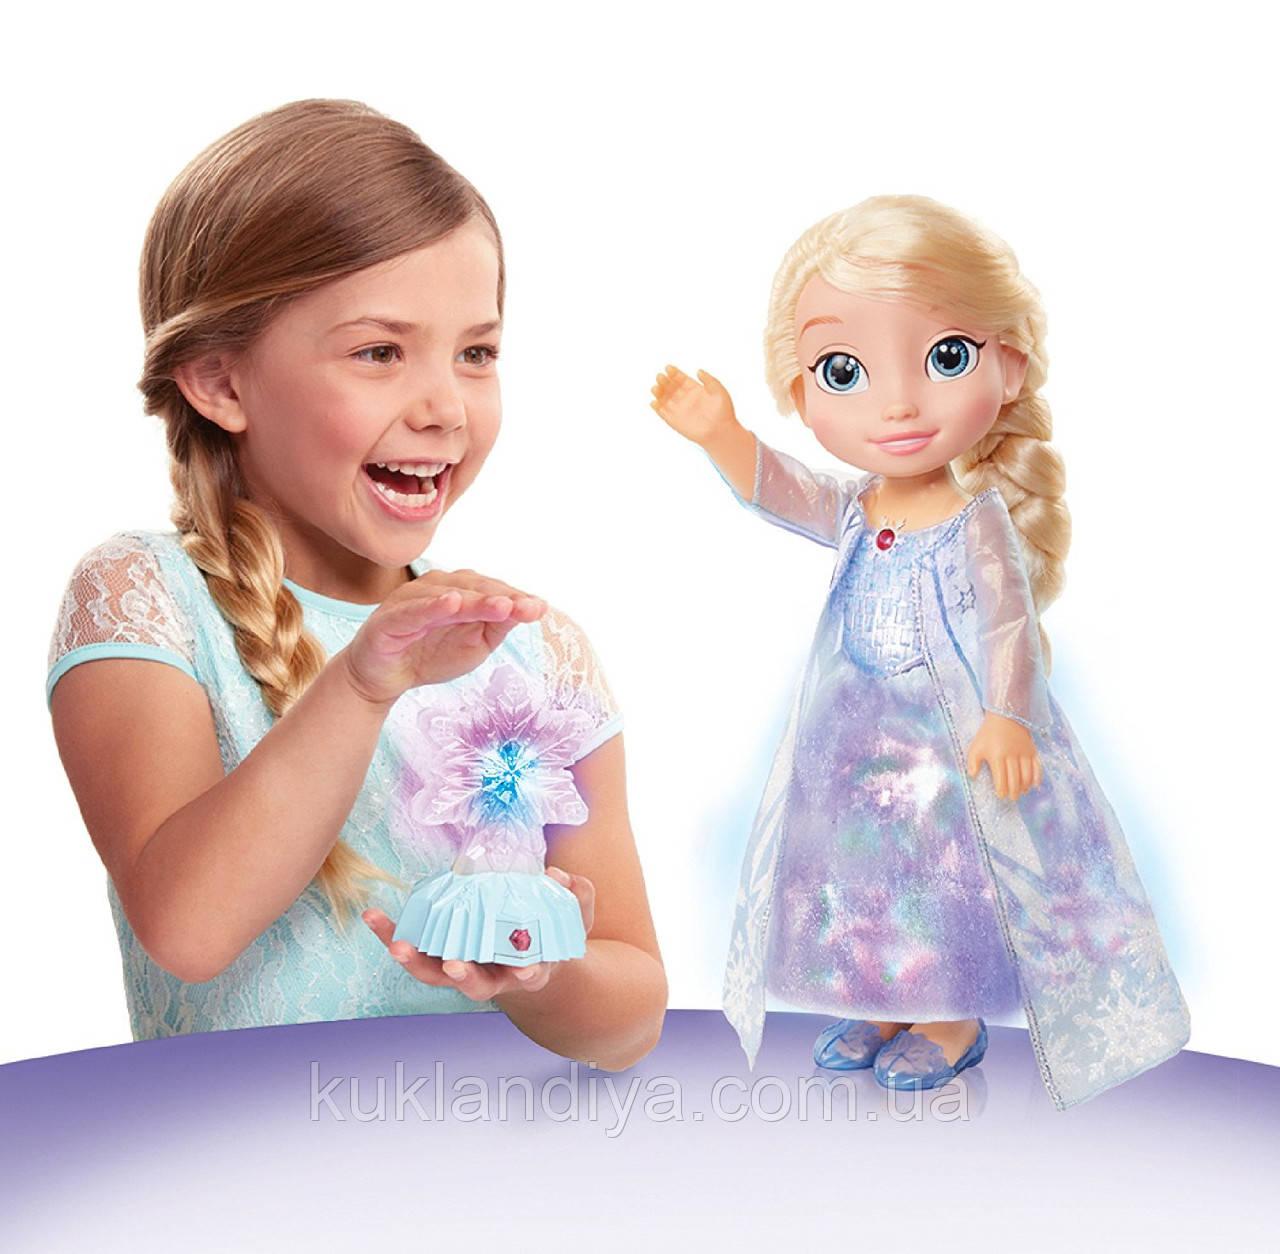 """Лялька співає Велика Ельза Дісней """"Північне Сяйво"""" - Disney Frozen Northern Lights Elsa"""